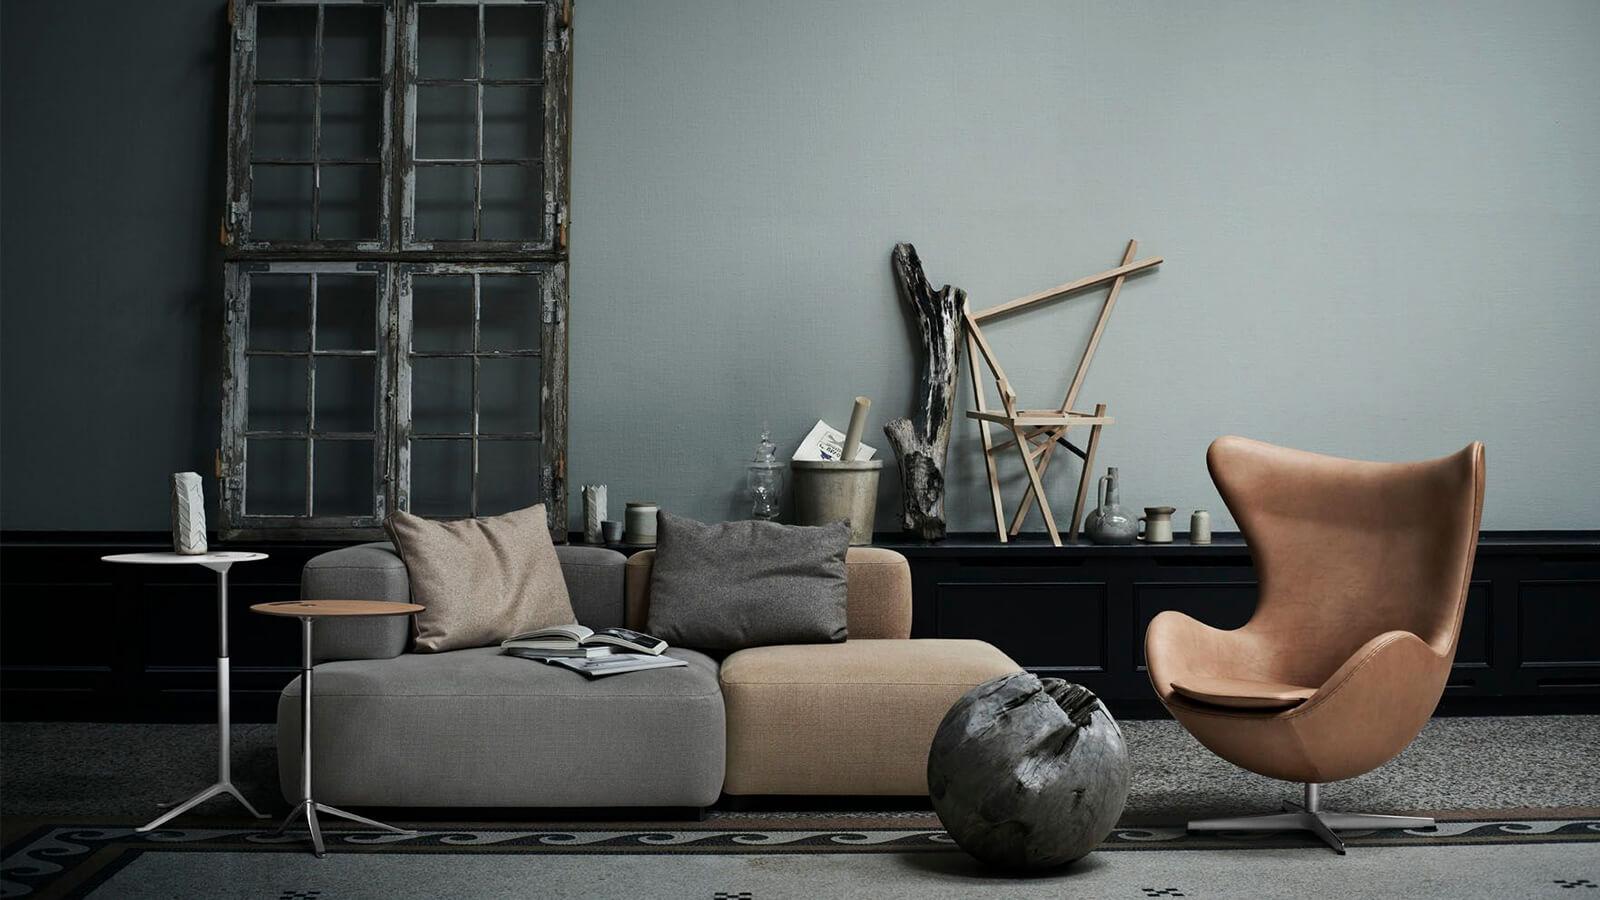 Fritz hanzen design classic